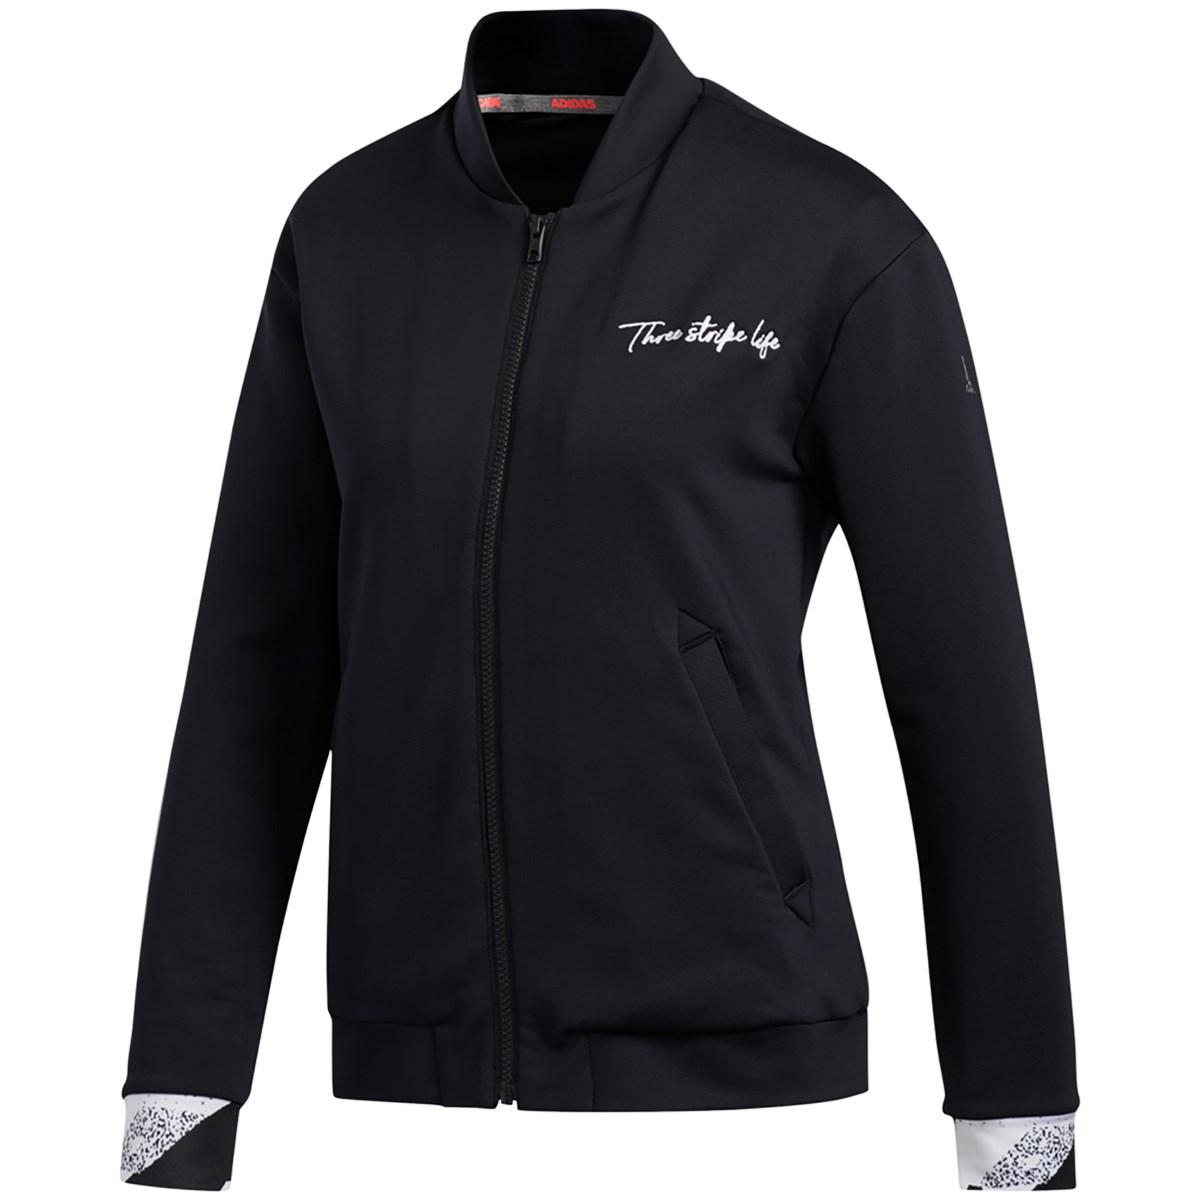 アディダス Adidas ジオメトリックプリント ストレッチ ライニングスウェット J/L ブラック レディス